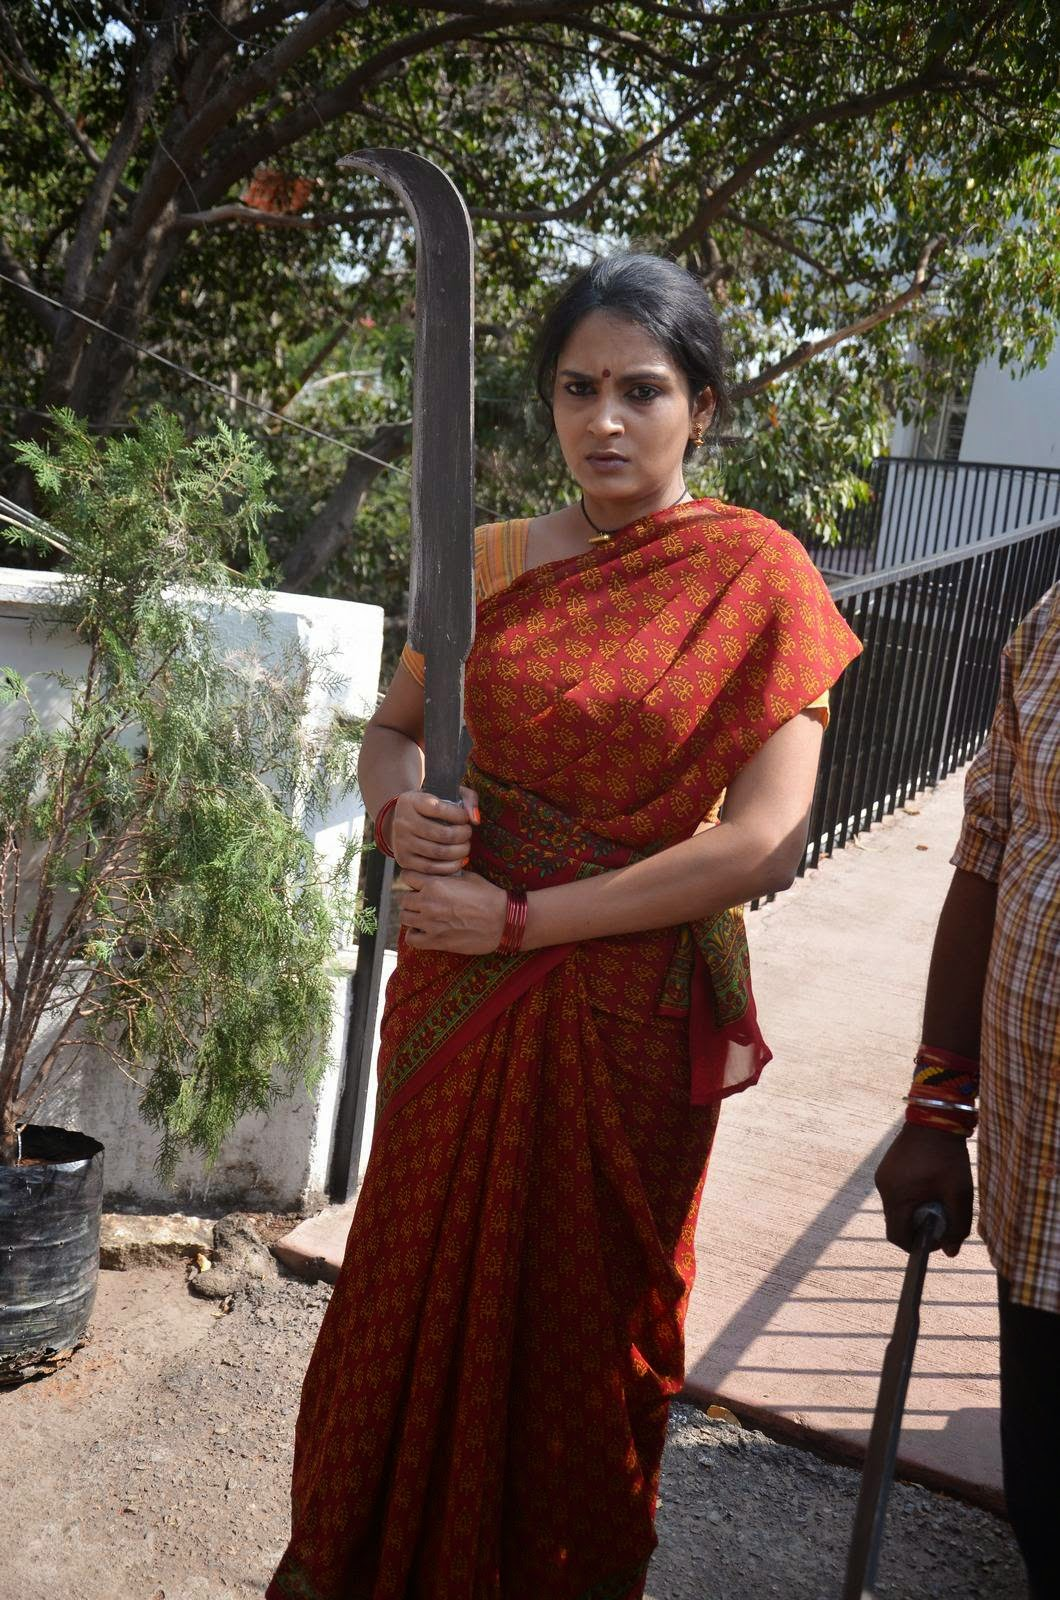 Himaja-Veta Kodavallu Tolloywood Film Wallpapers, Telegu Actress Himaja Hot Pics In sare from Veta Kodavallu Movie